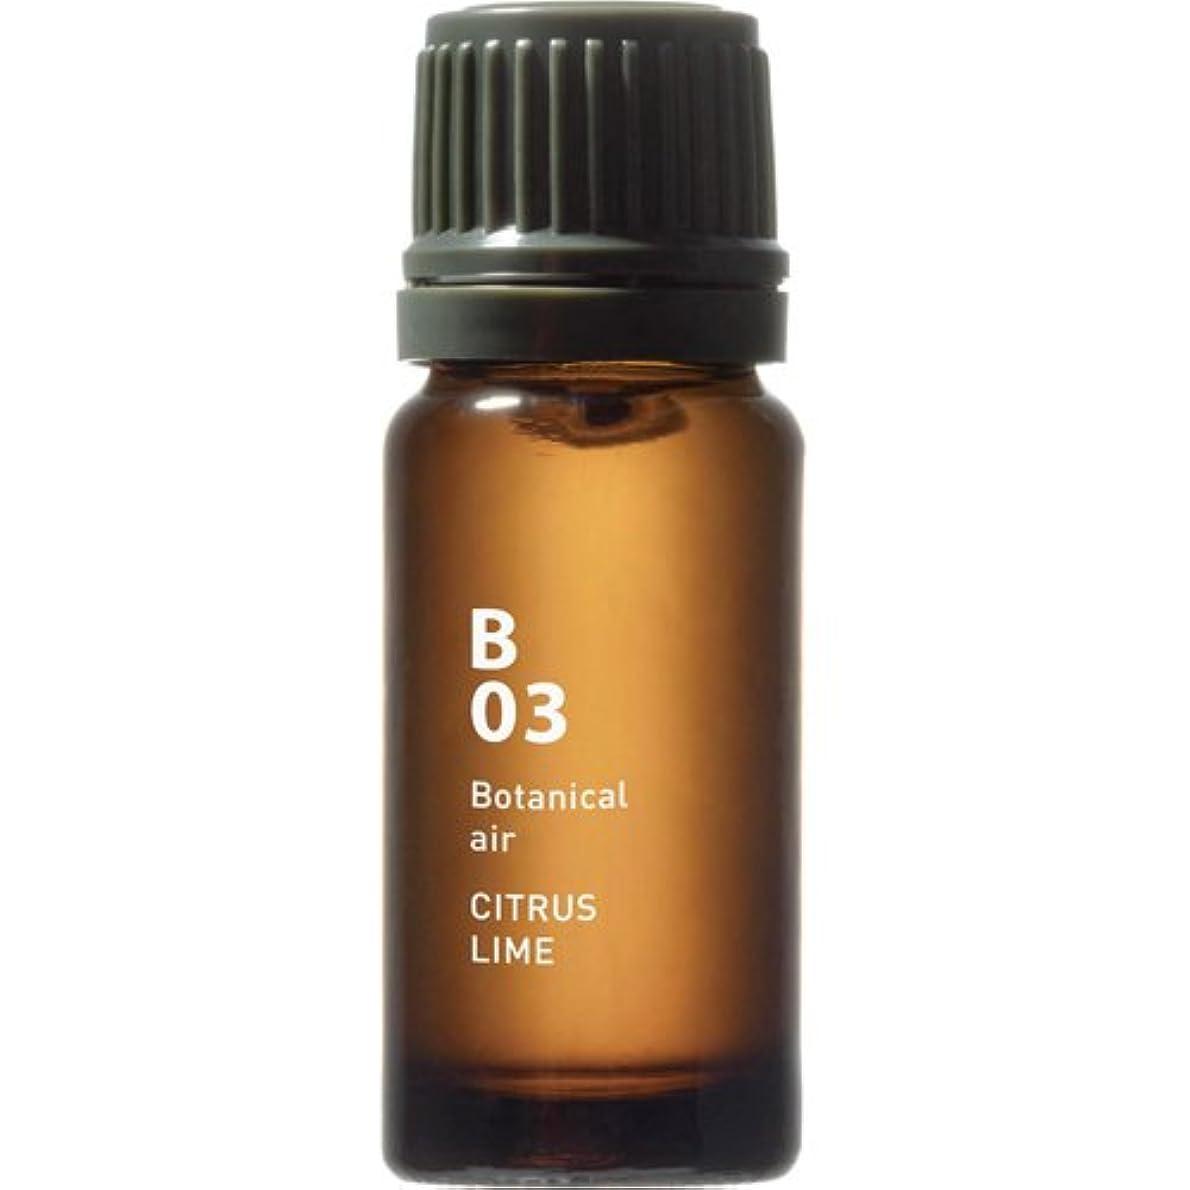 おもしろい比較的教B03 シトラスライム Botanical air(ボタニカルエアー) 10ml